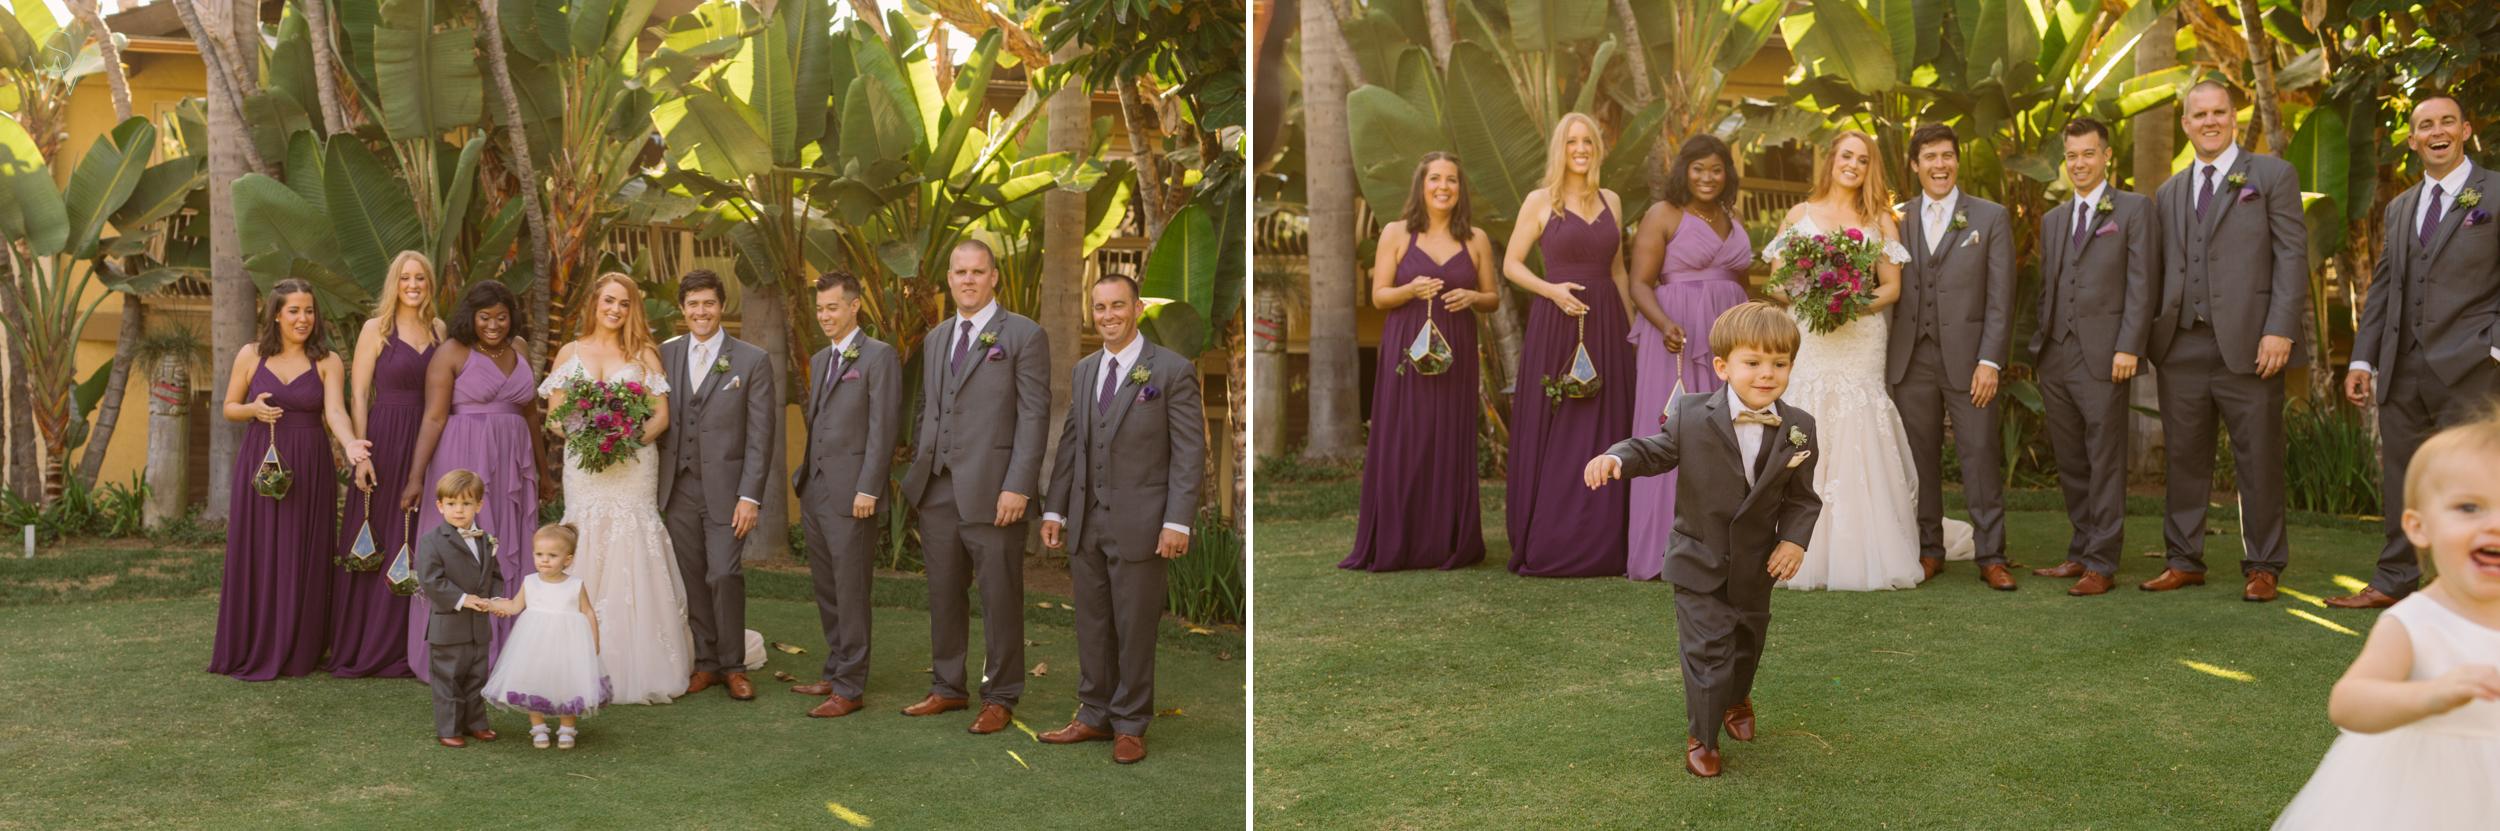 135San.diego.wedding.shewanders.photography.JPG